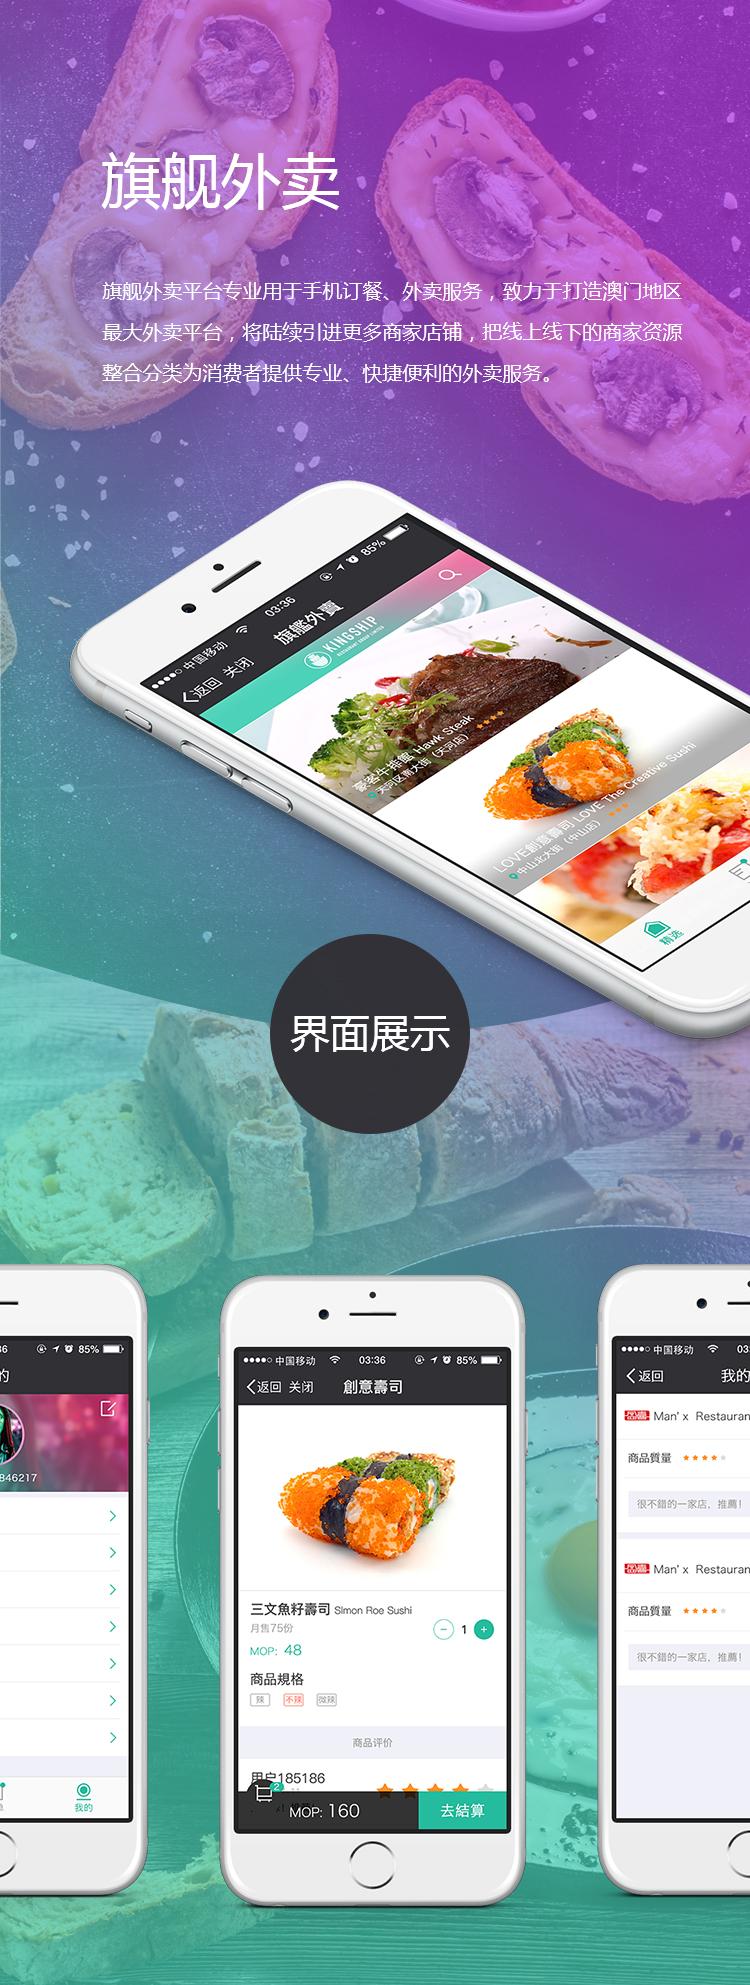 手机app外卖商城